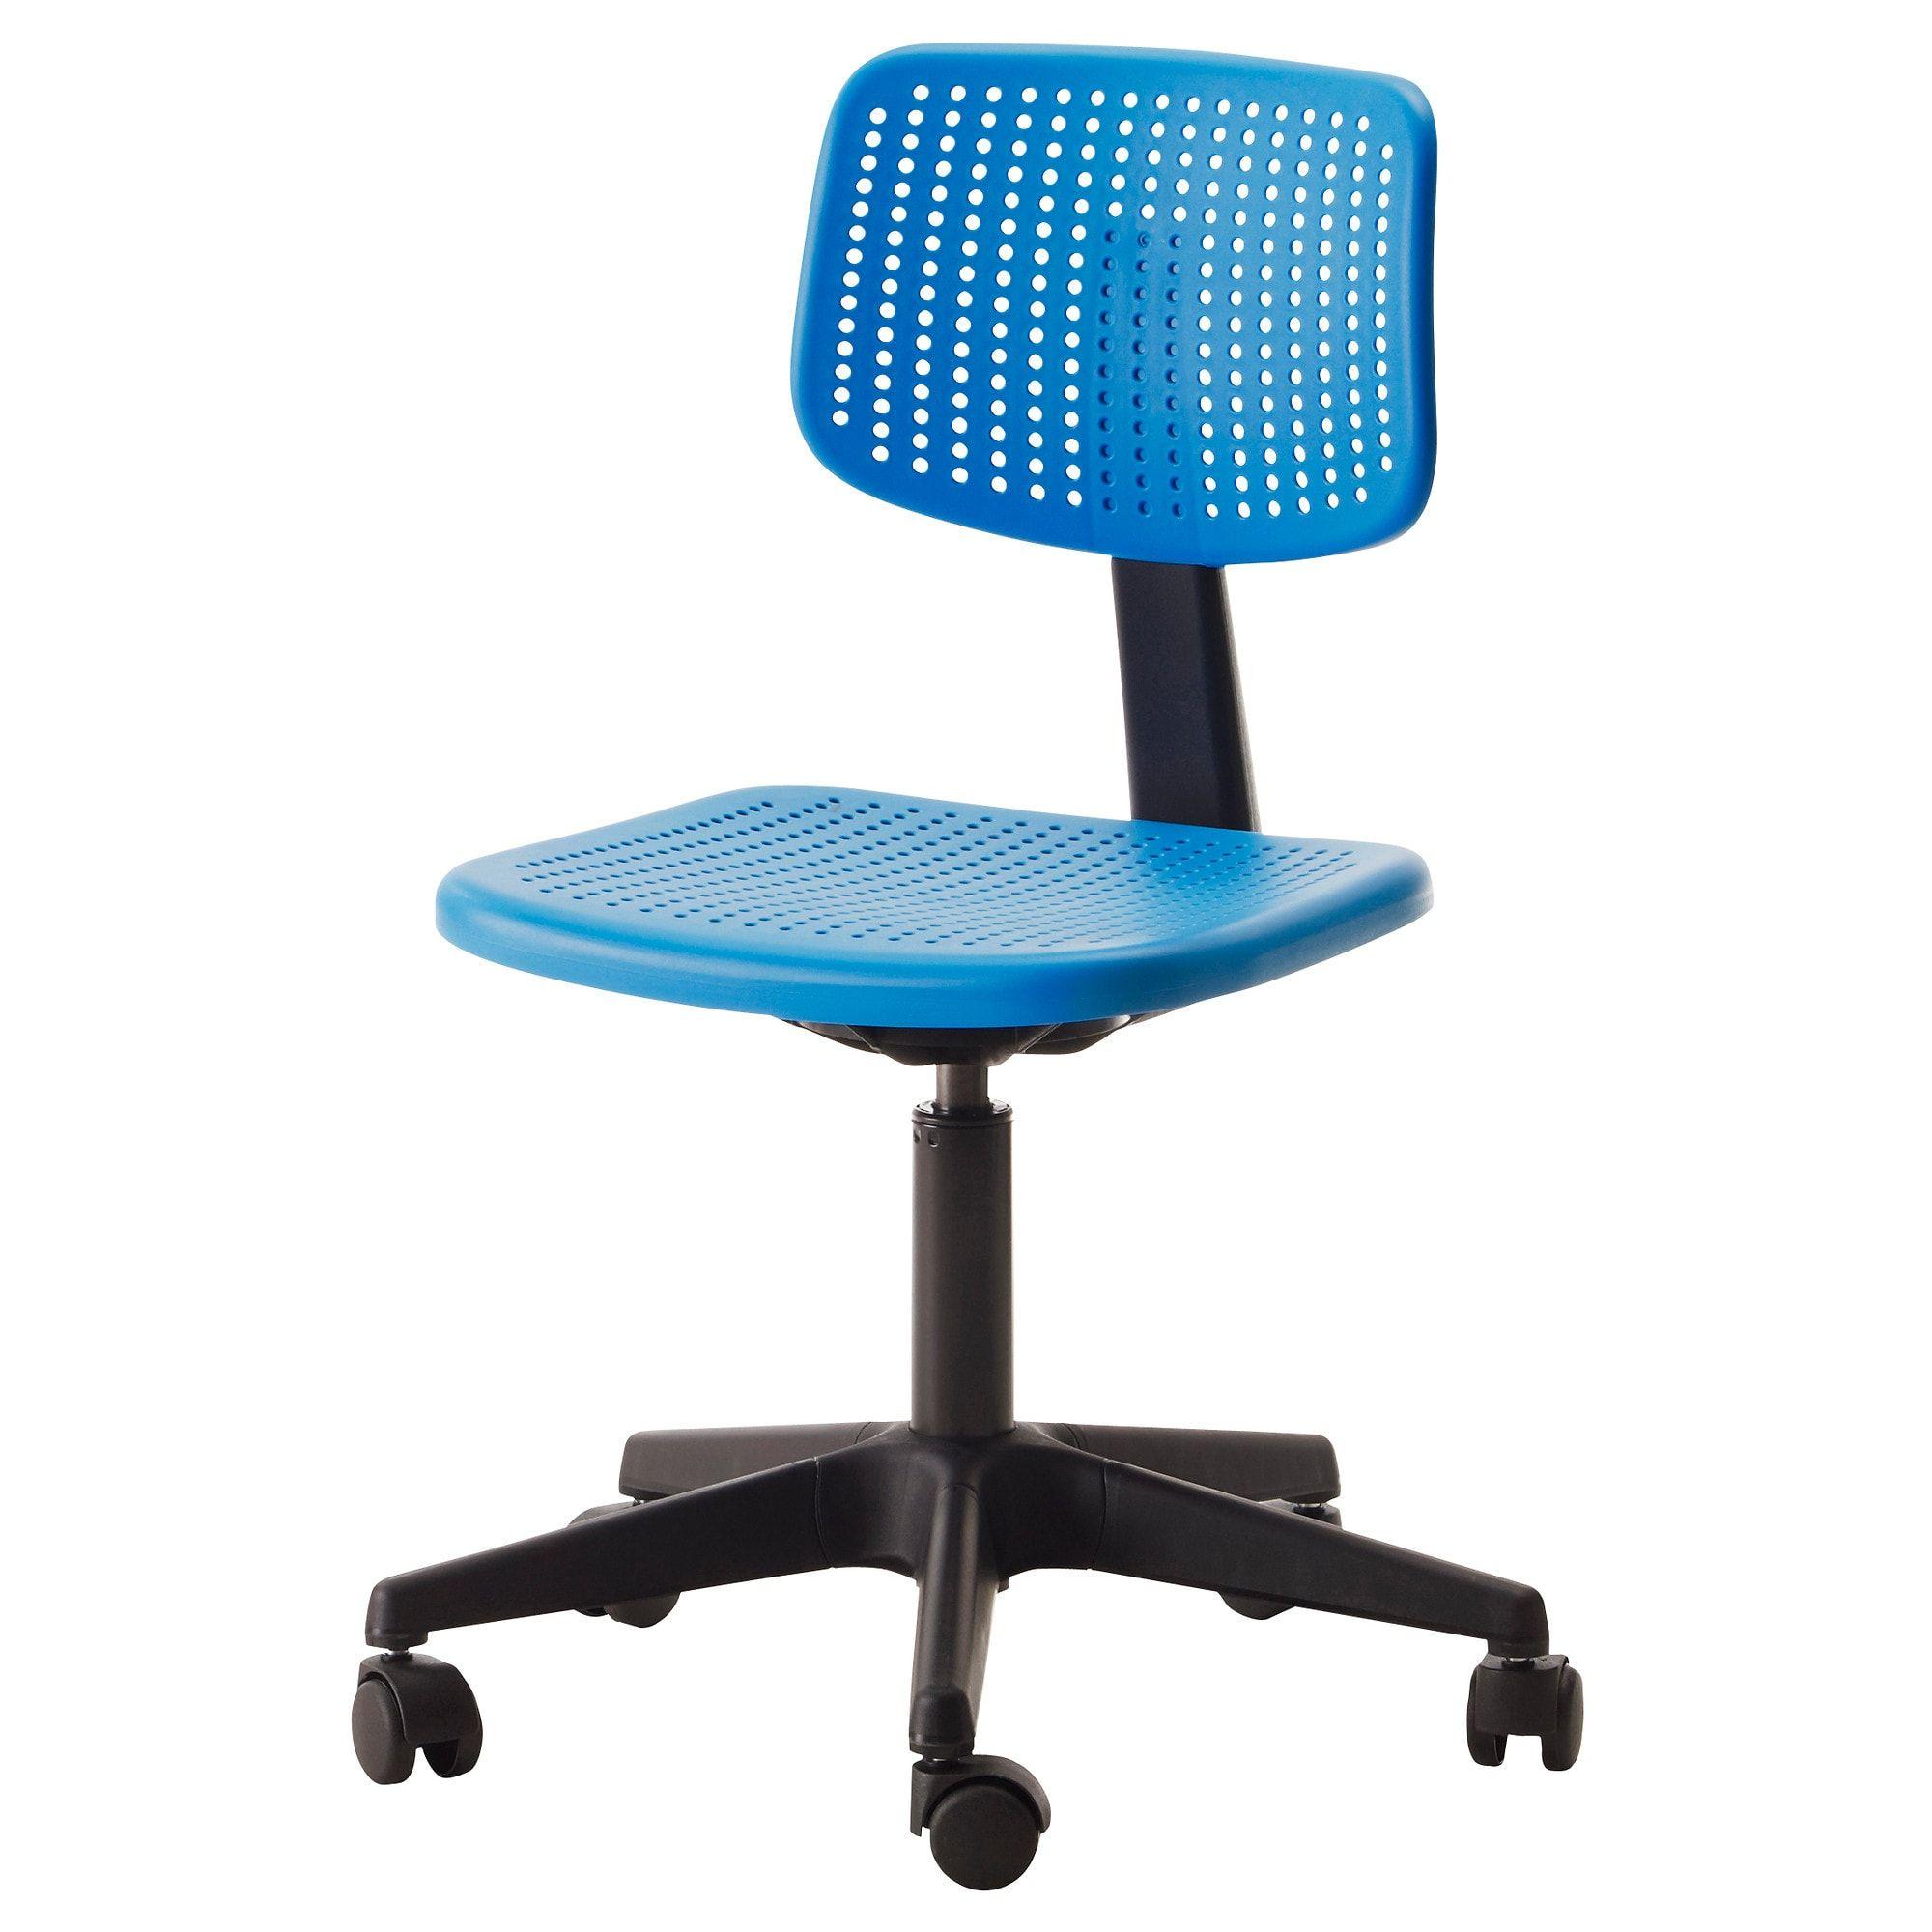 IKEA ALRIK Swivel chair blue Ikea desk chair, Ikea